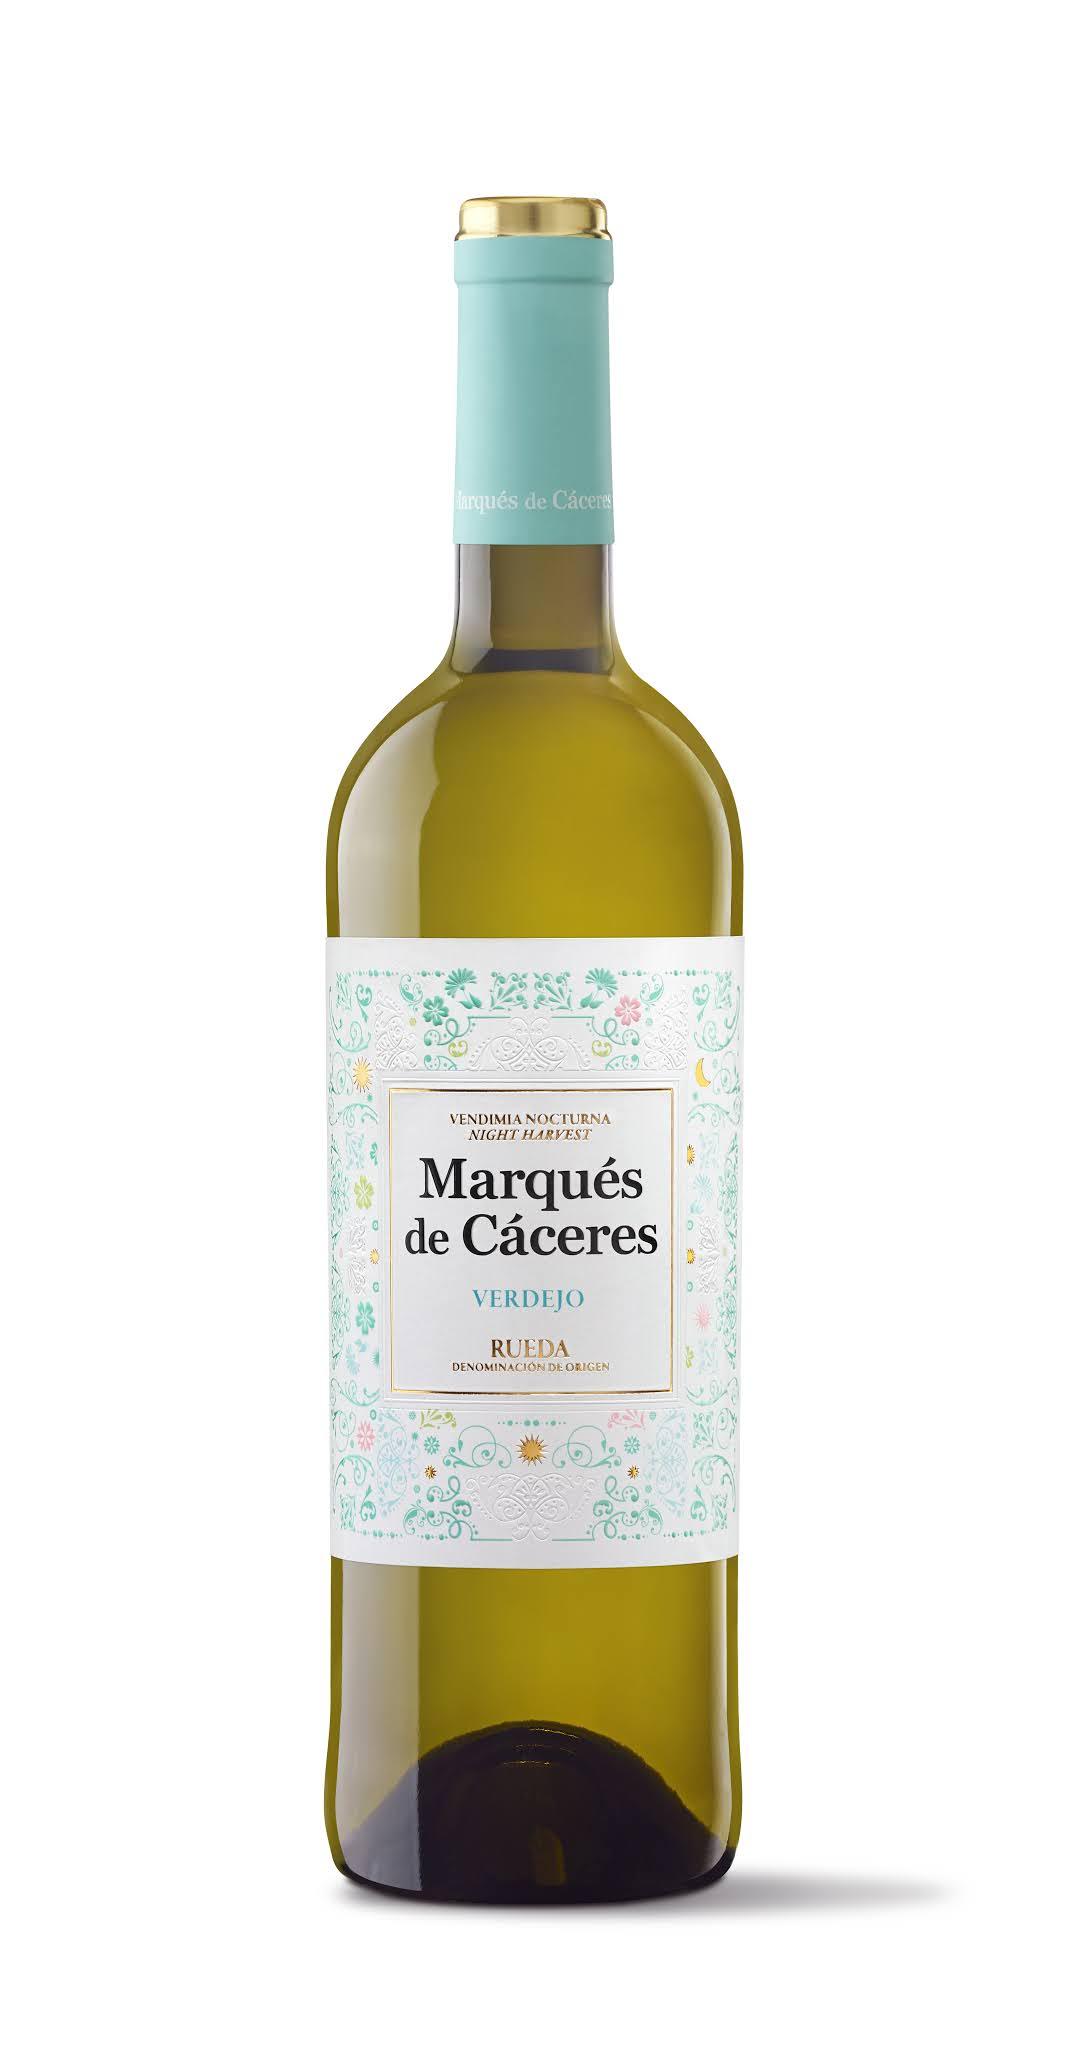 Márques de Cáceres Verdejo